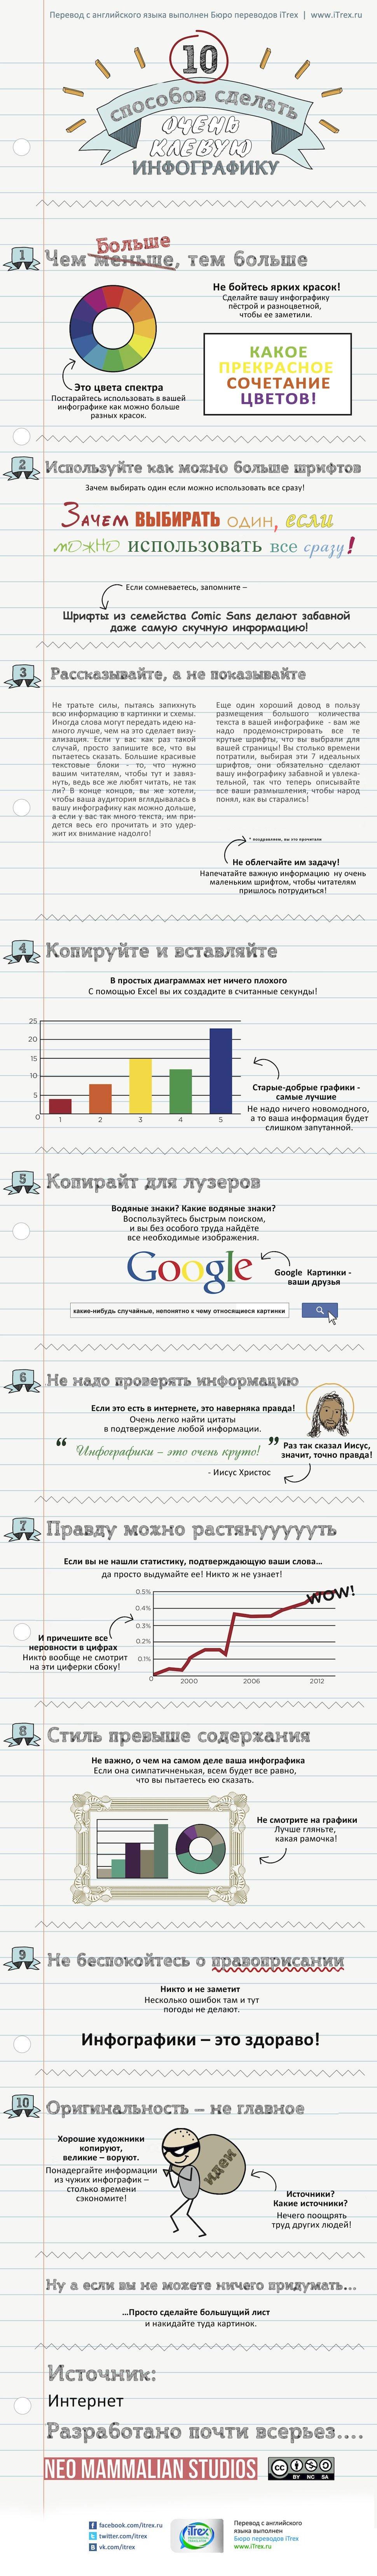 10 sposobov sdelat klevuyu infografiky